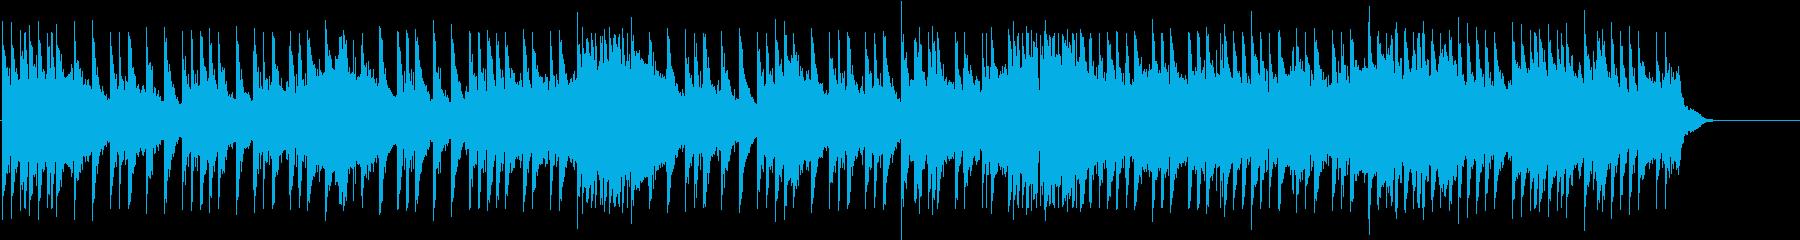 30秒の短いハードロック系ドラムソロの再生済みの波形